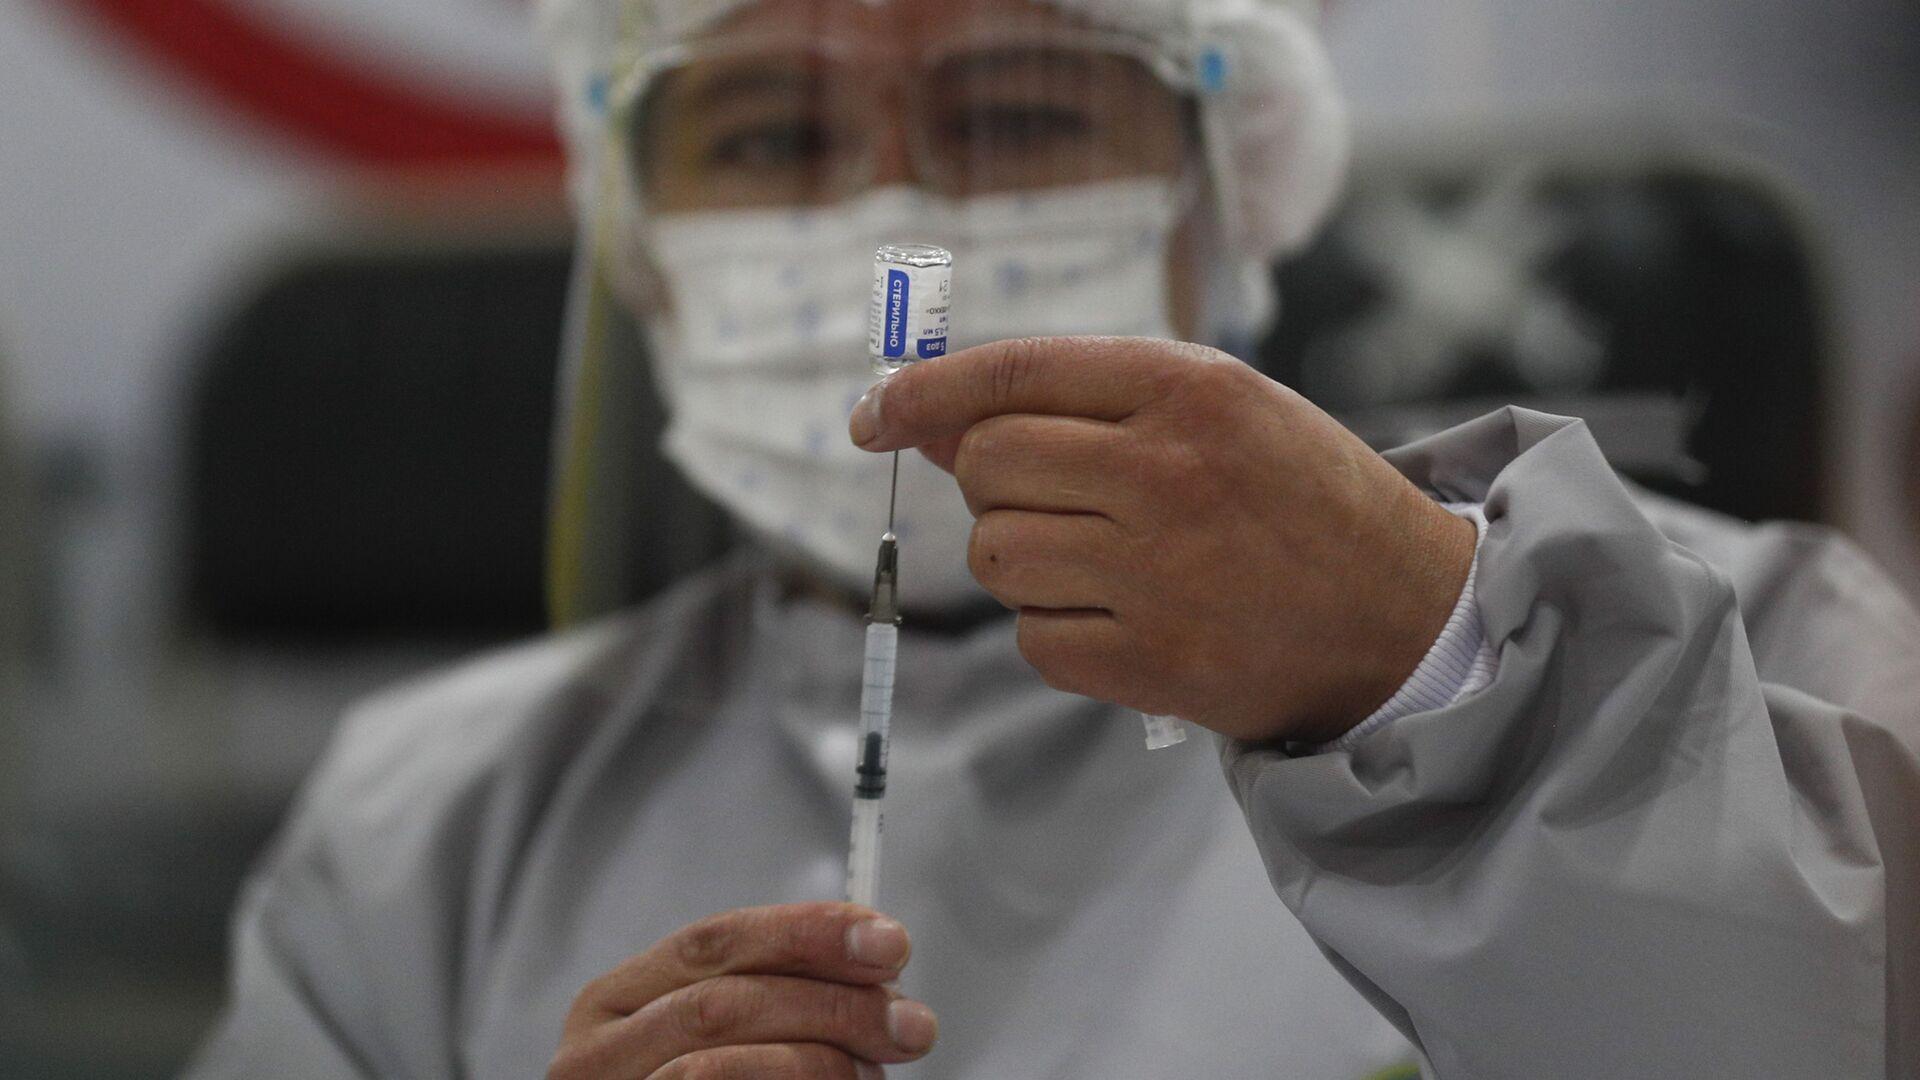 Un trabajador de la salud prepara una dosis de la vacuna rusa Sputnik V COVID-19, en el Hospital Del Norte en El Alto, Bolivia - Sputnik Mundo, 1920, 11.03.2021